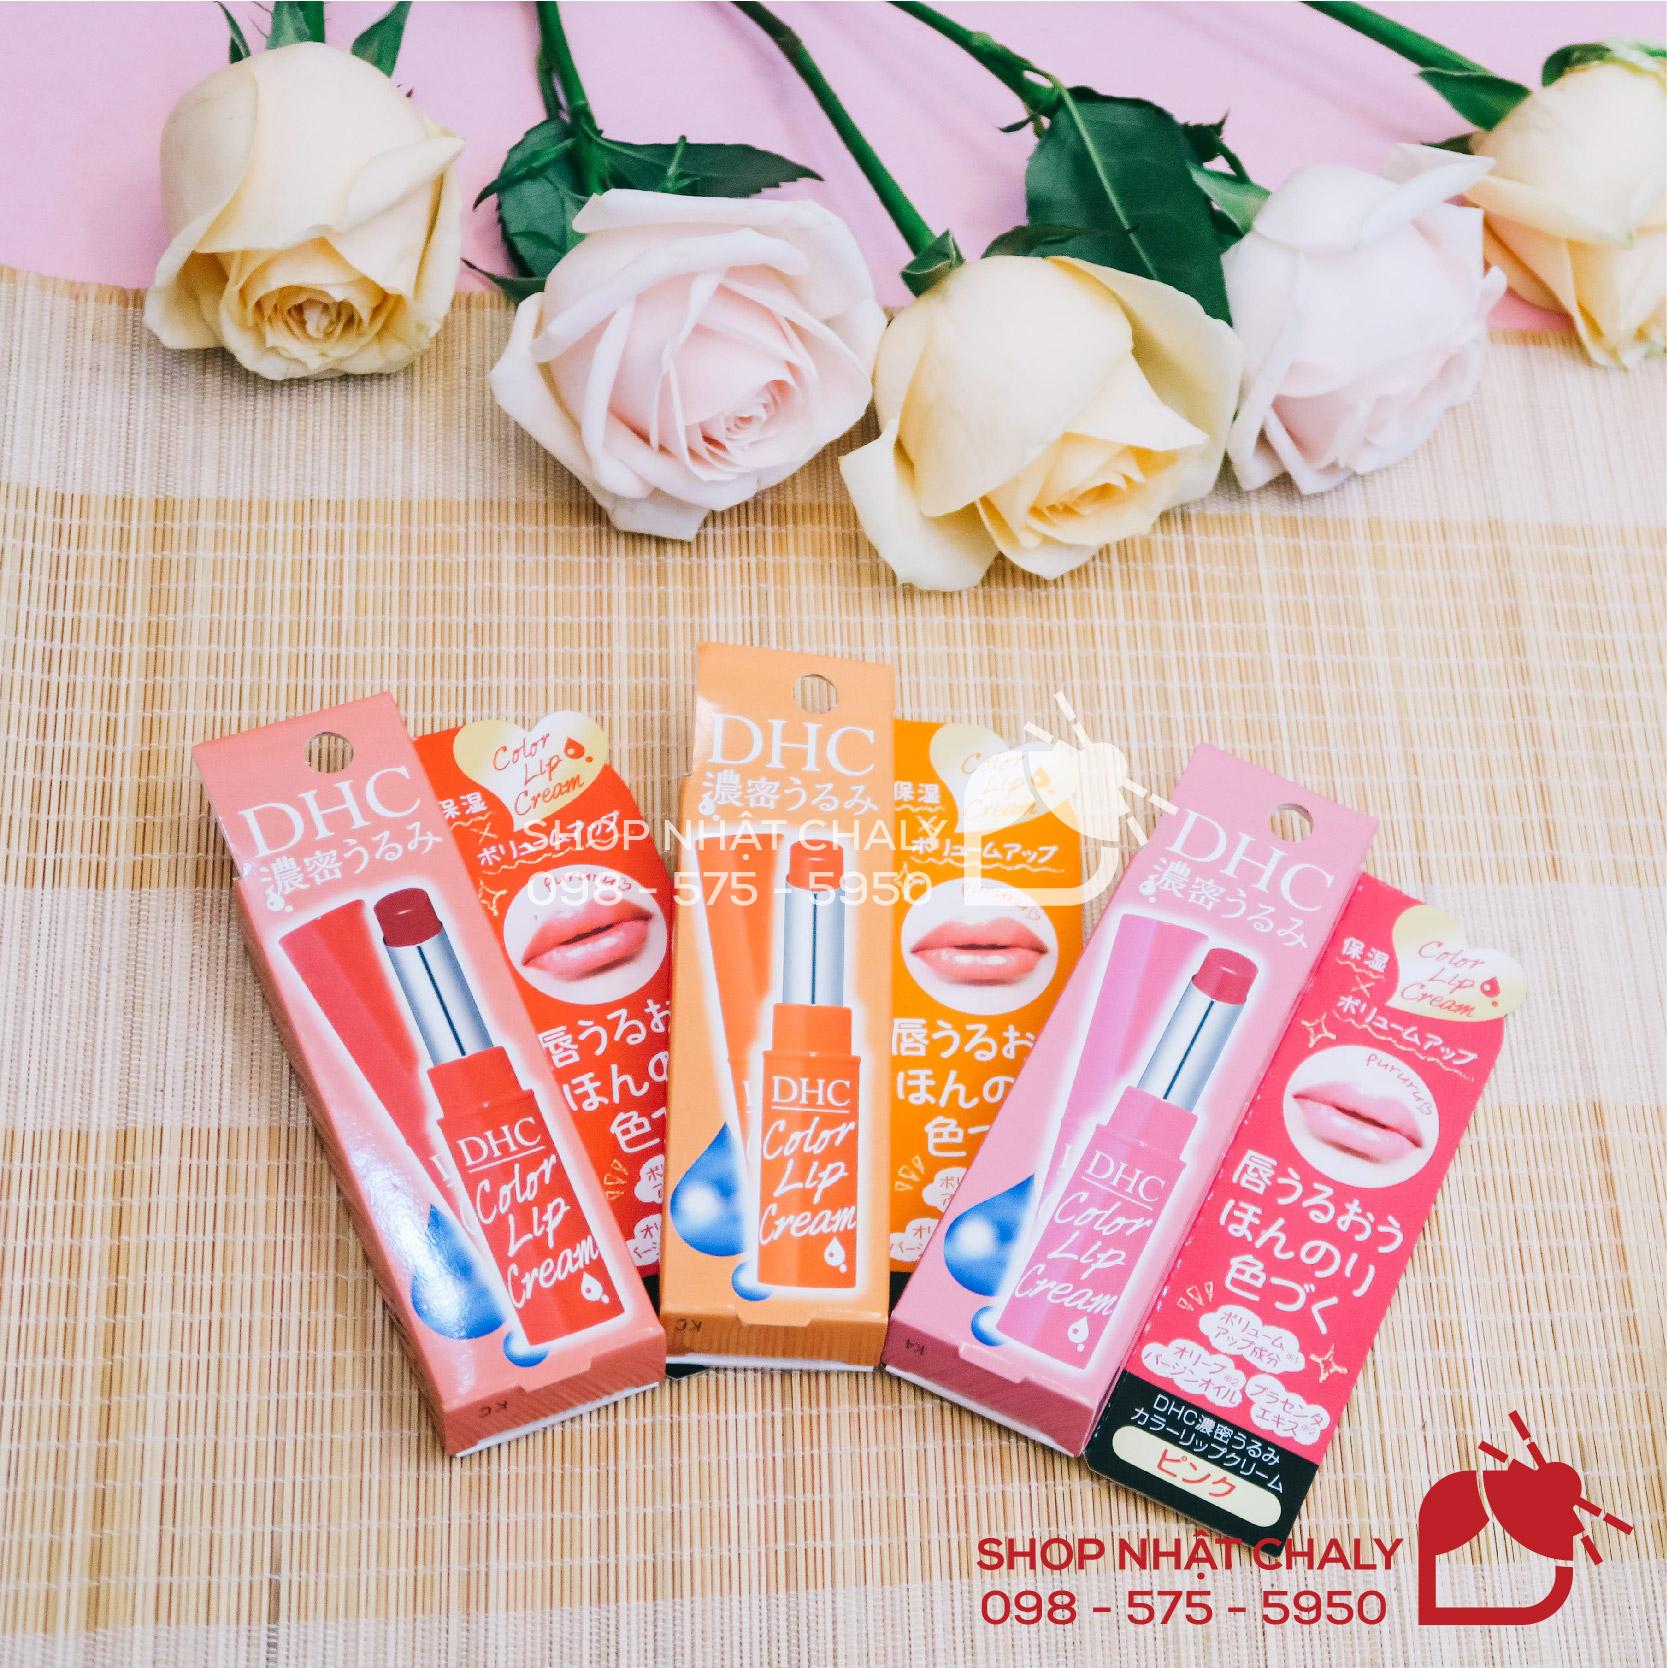 Son dưỡng môi DHC Nhật Bản color lip cream có 3 màu tươi tắn